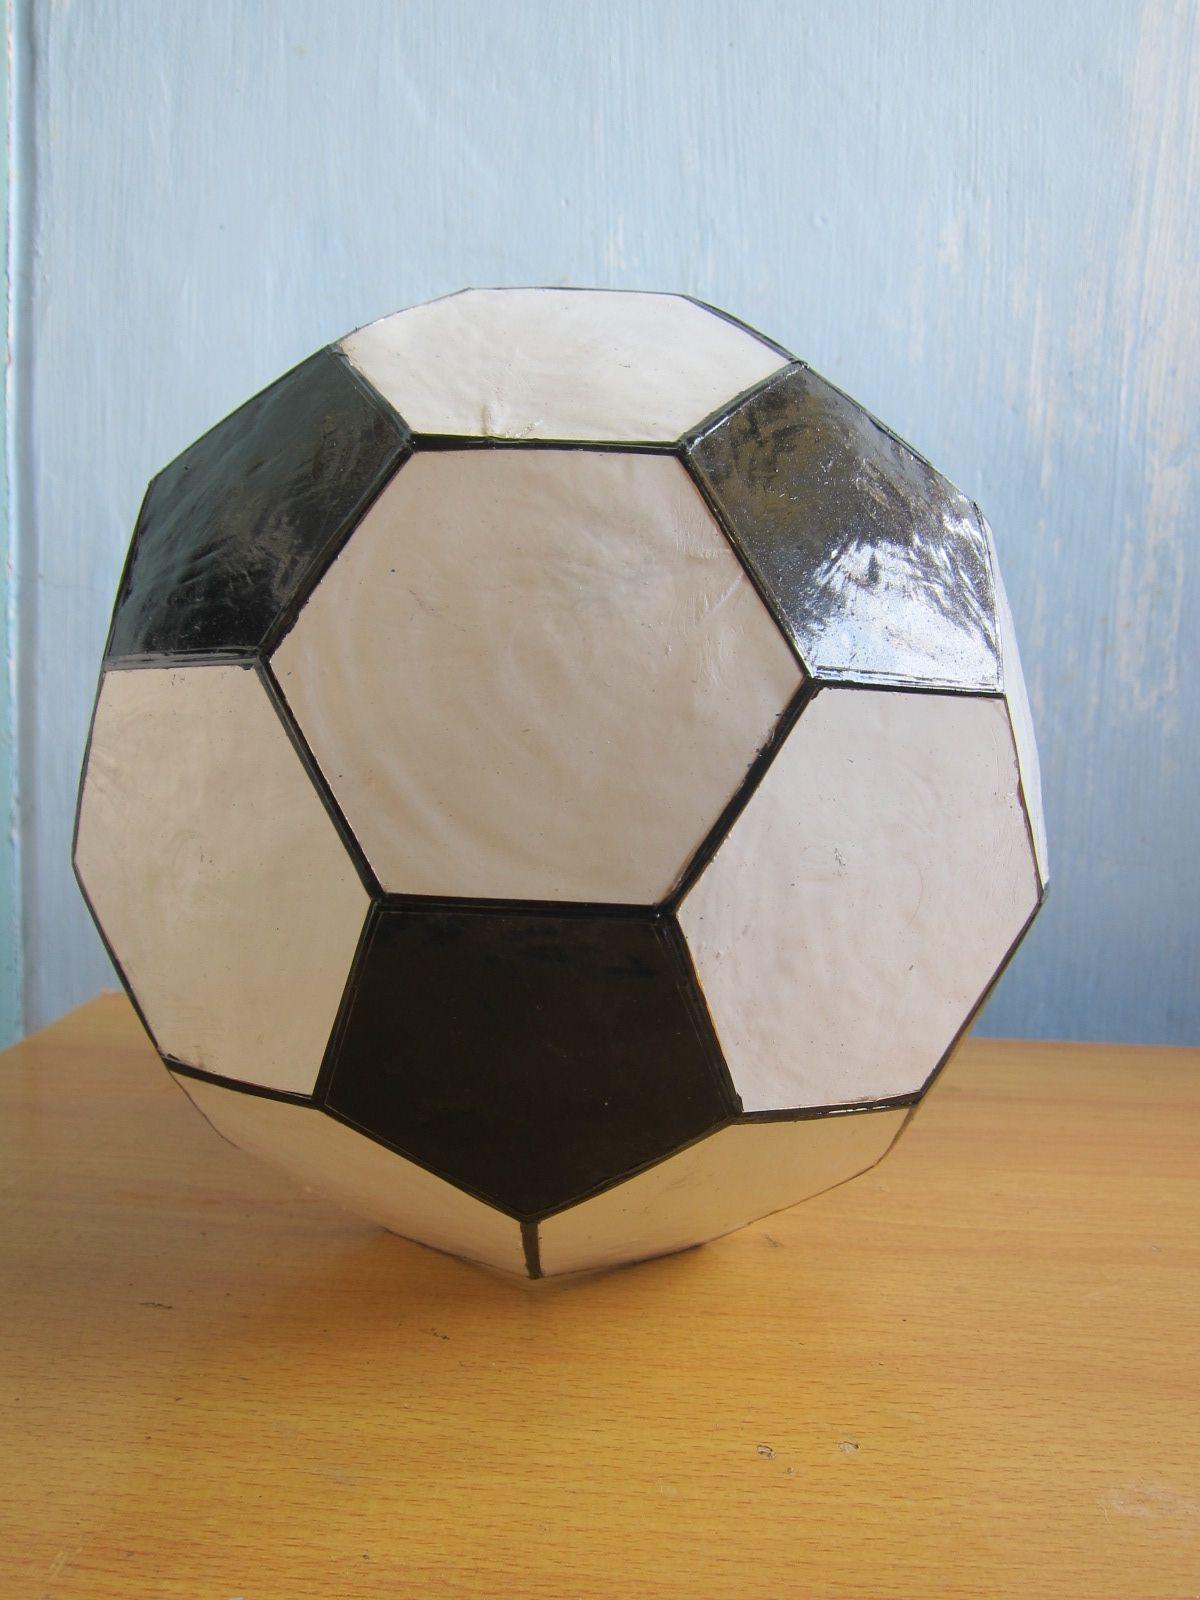 Football made of capiz shells capiz shell capiz shells